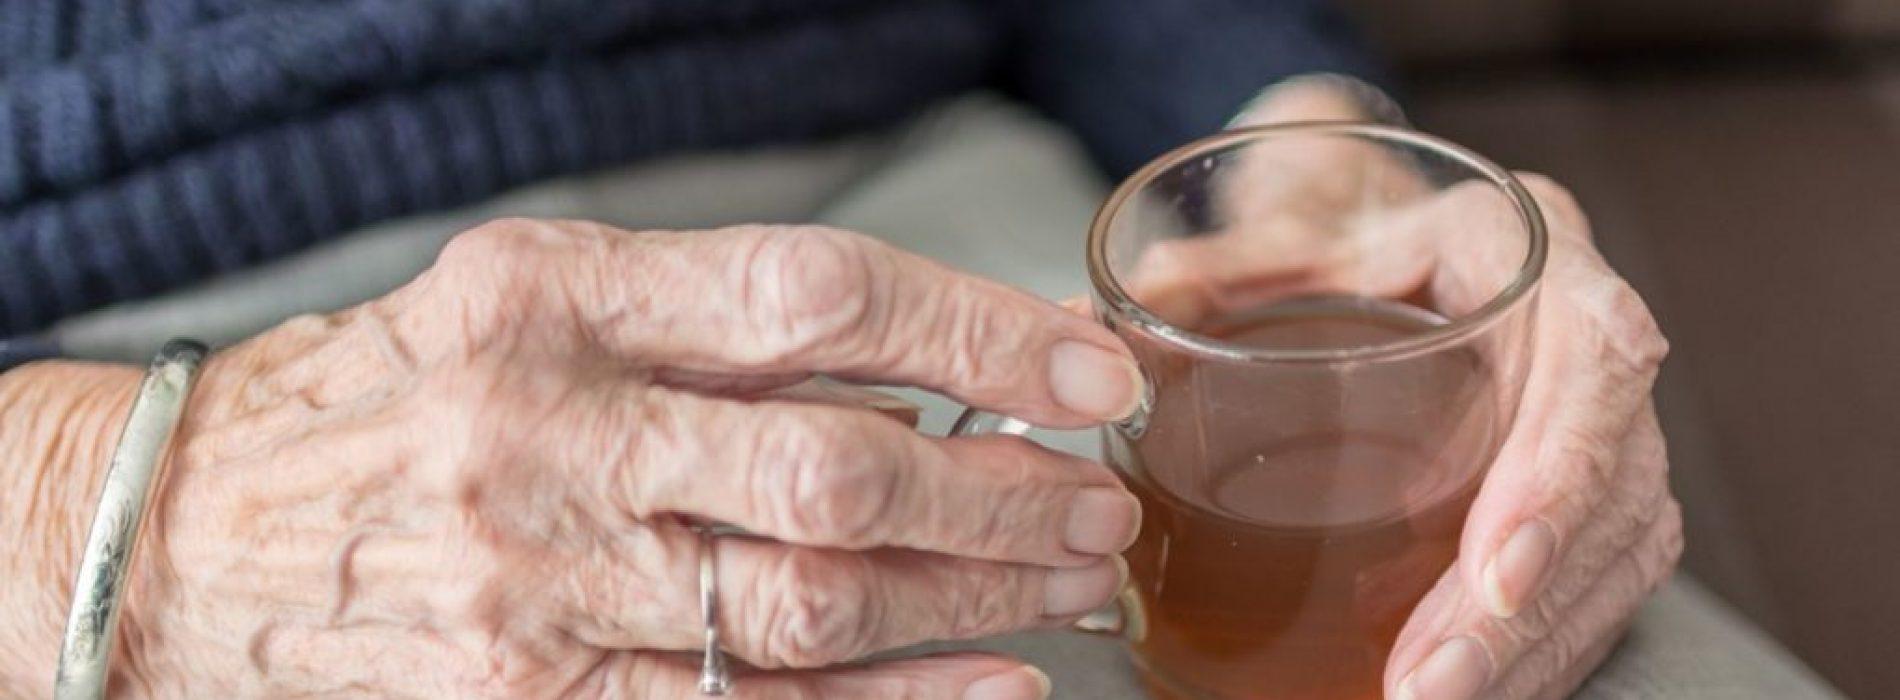 Theedrinkers leven langer: studie